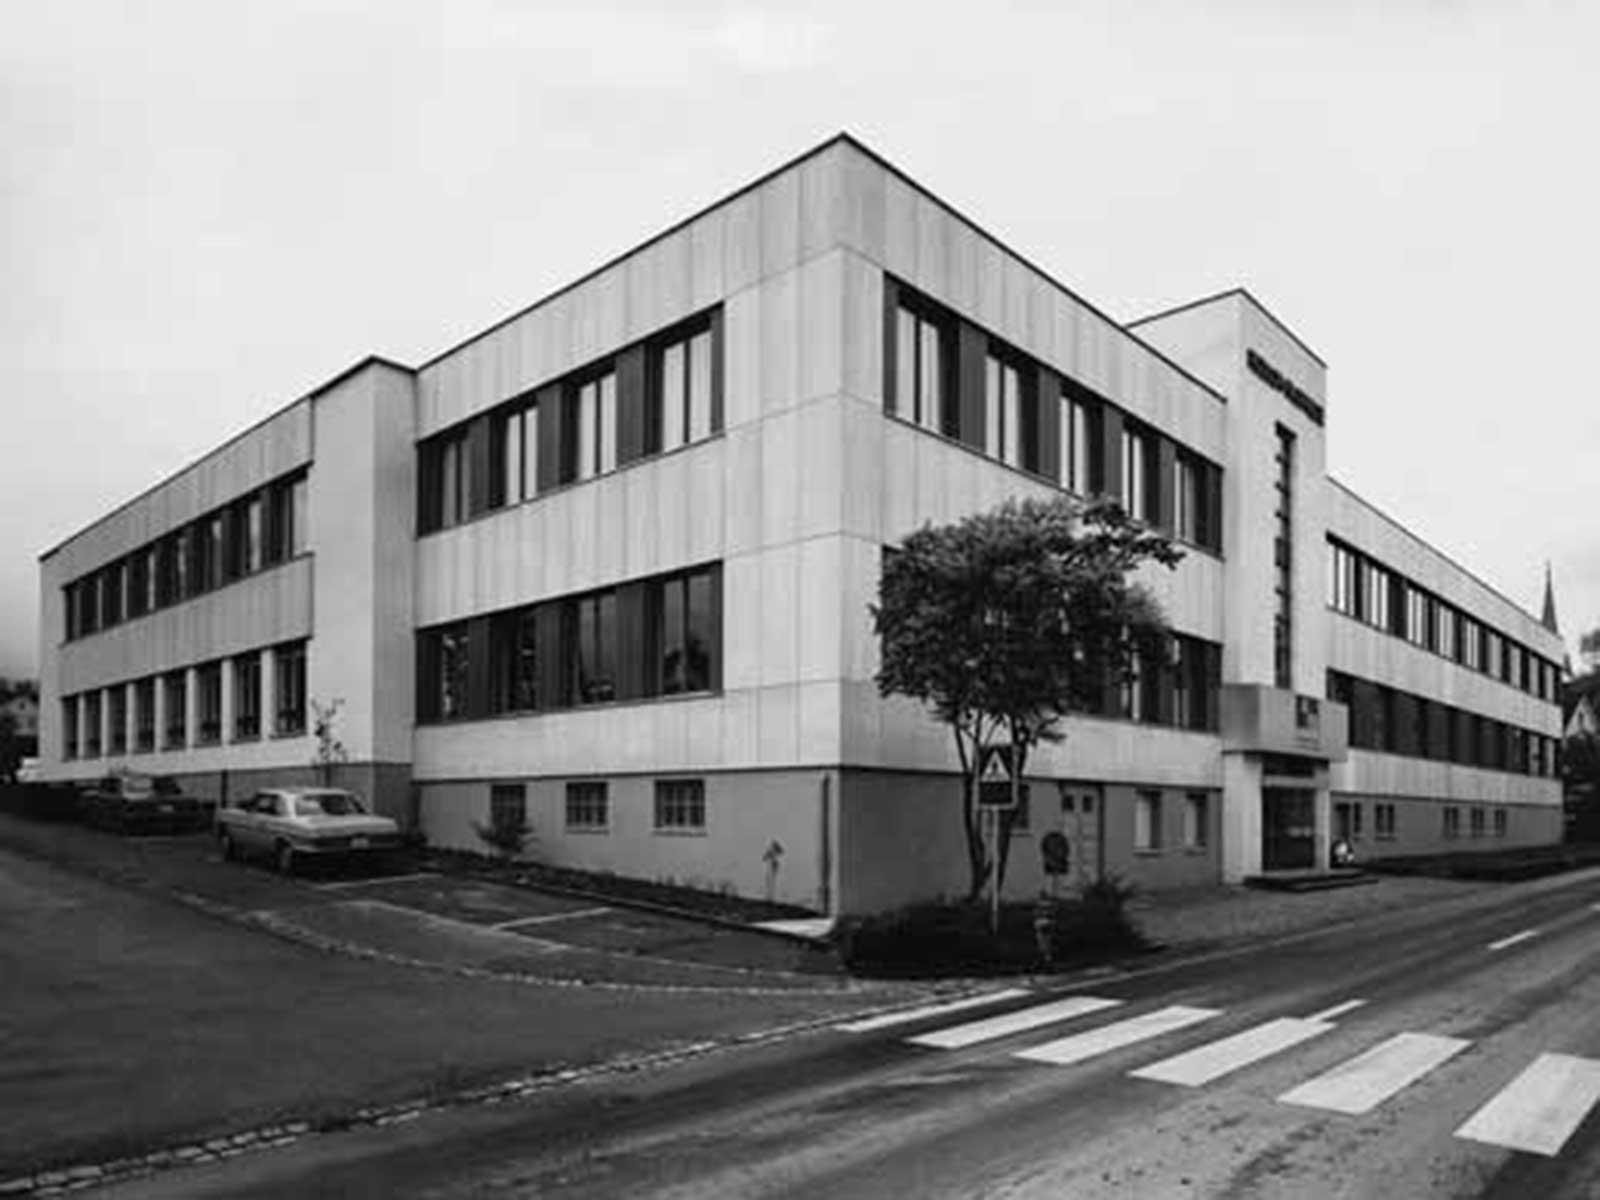 Fabrikationsräume, avd goldach ag